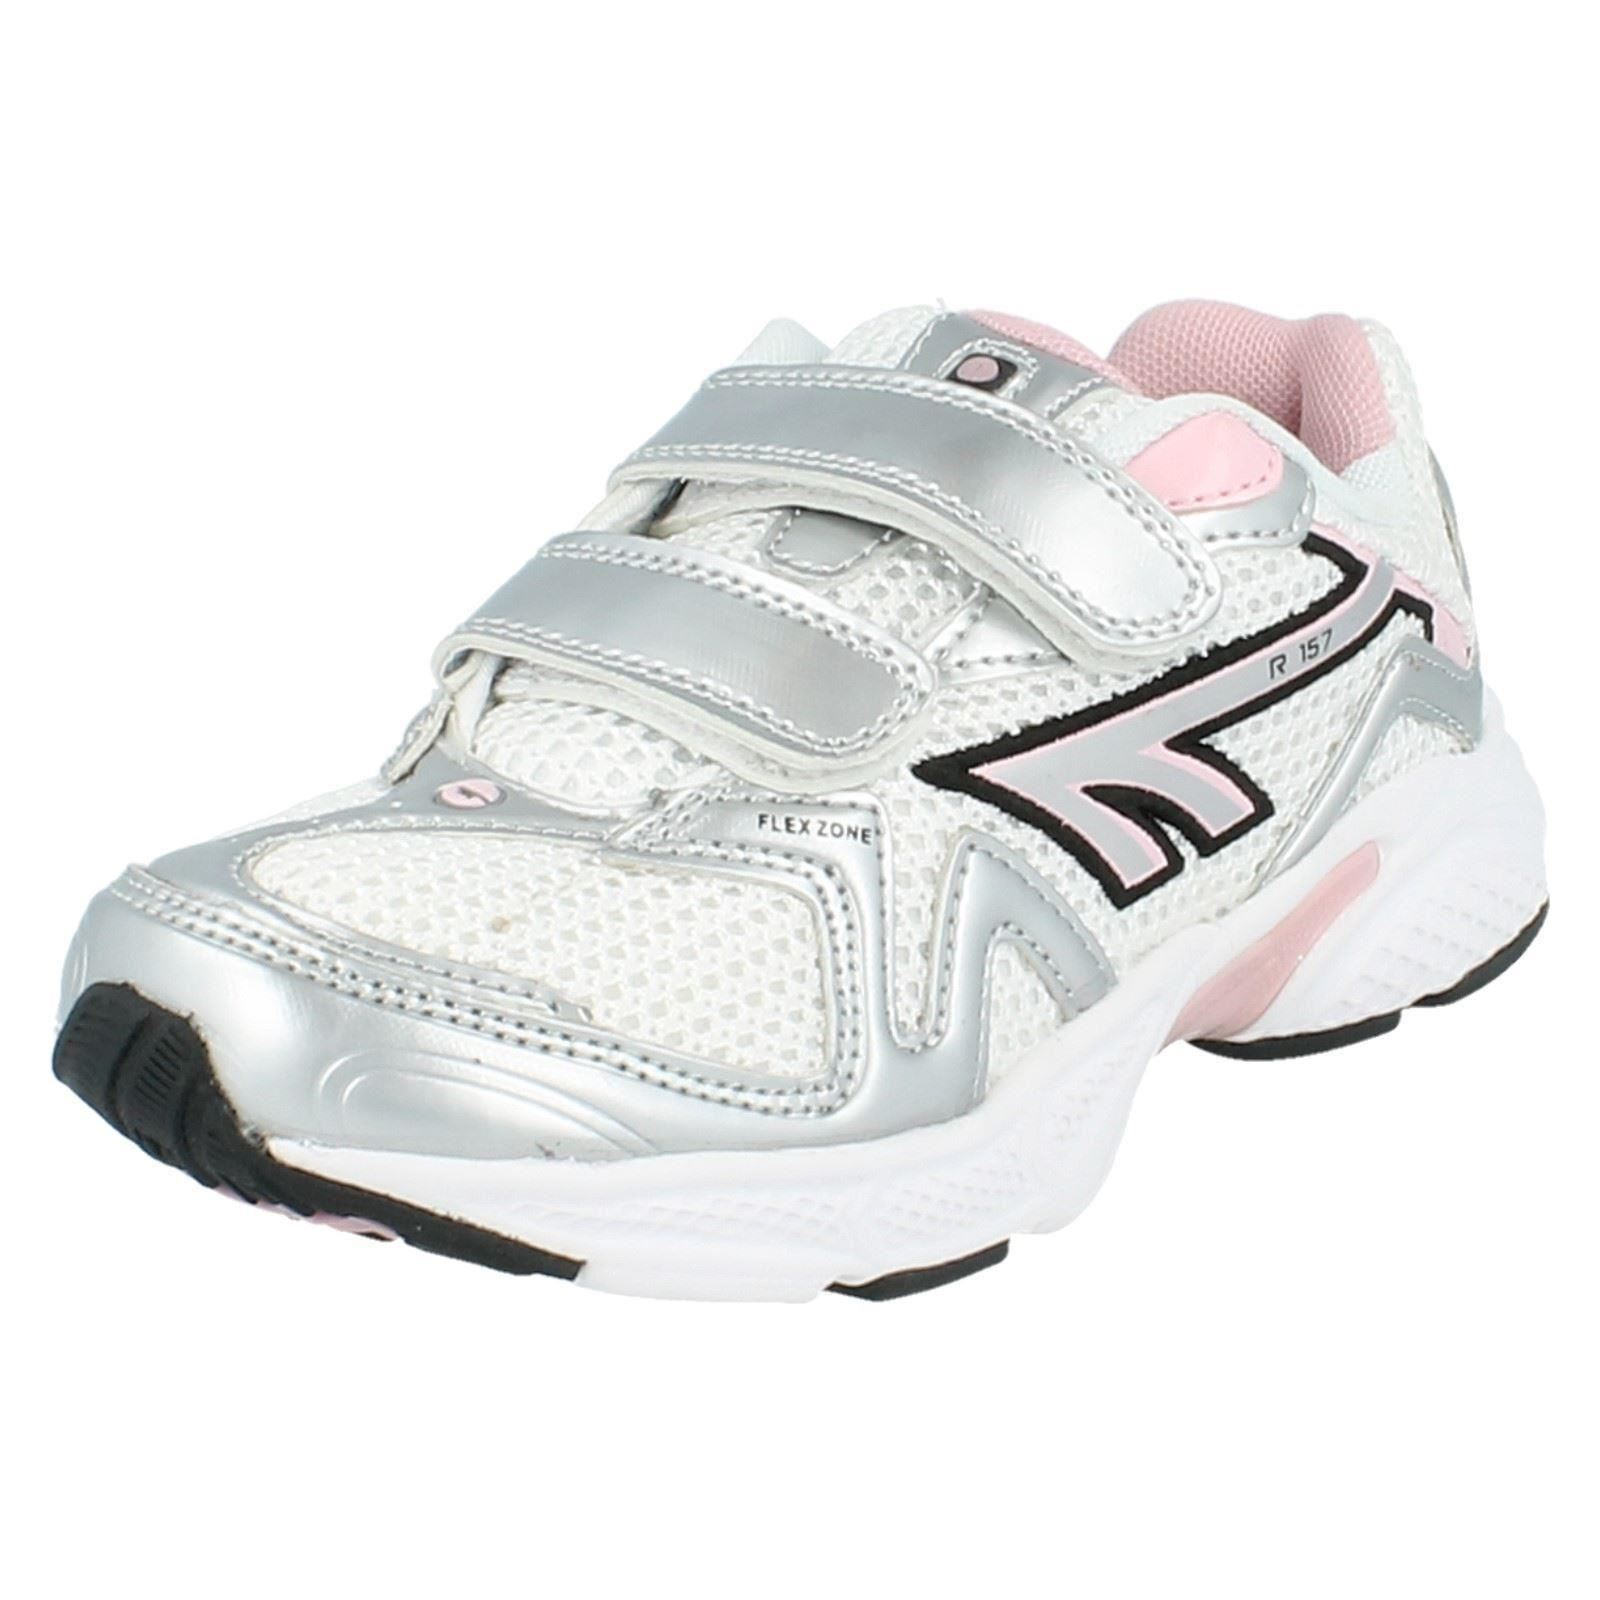 Girls Hi-Tec Trainers R157 JRG EZ